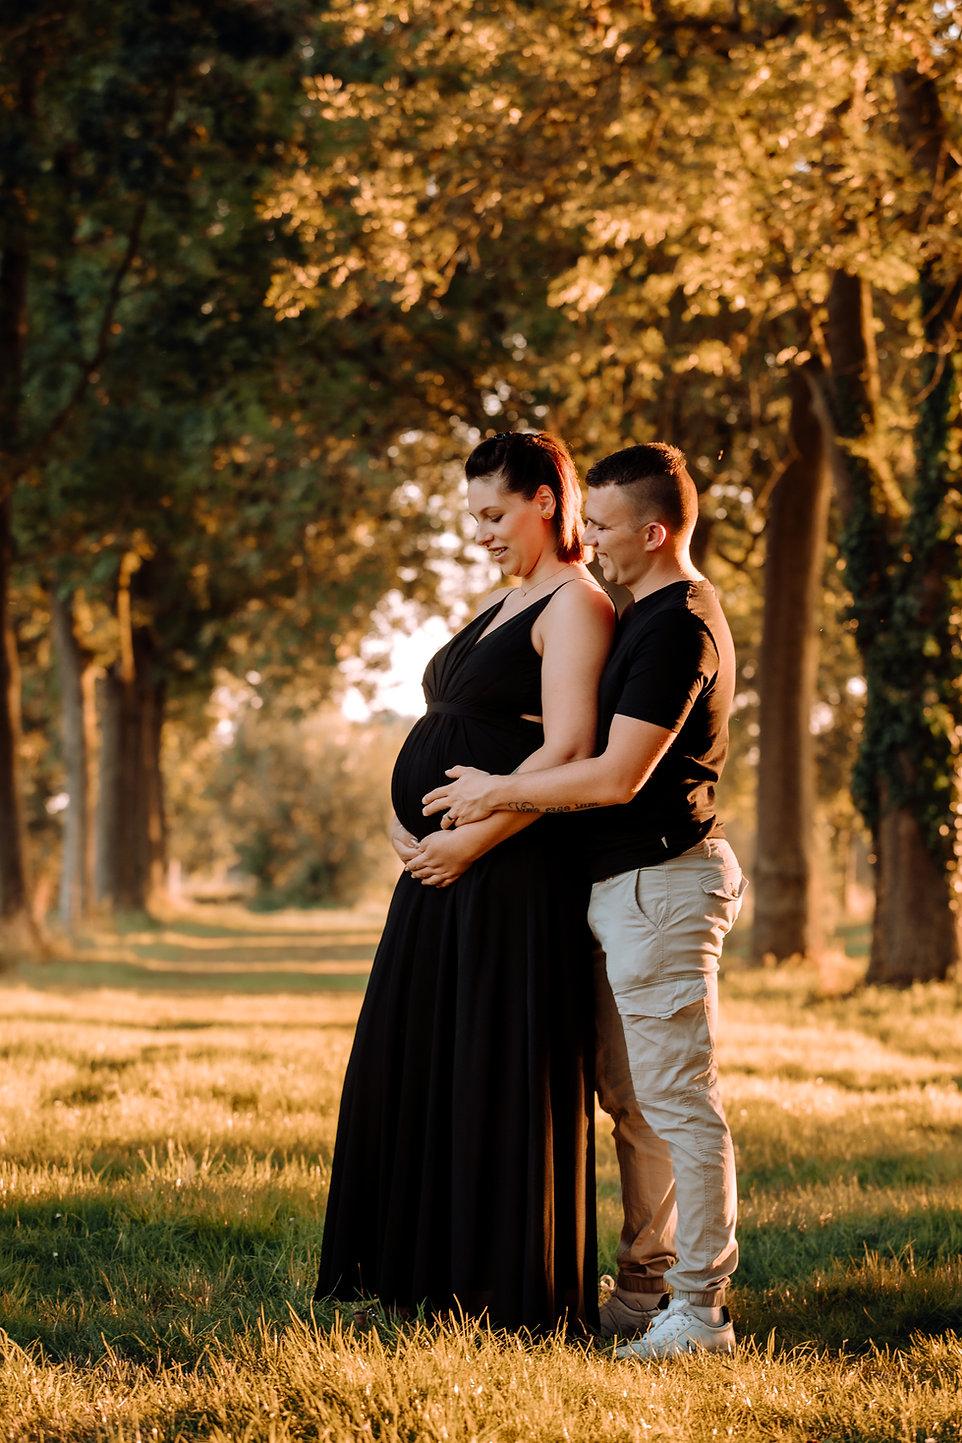 zwangerschap.jpg